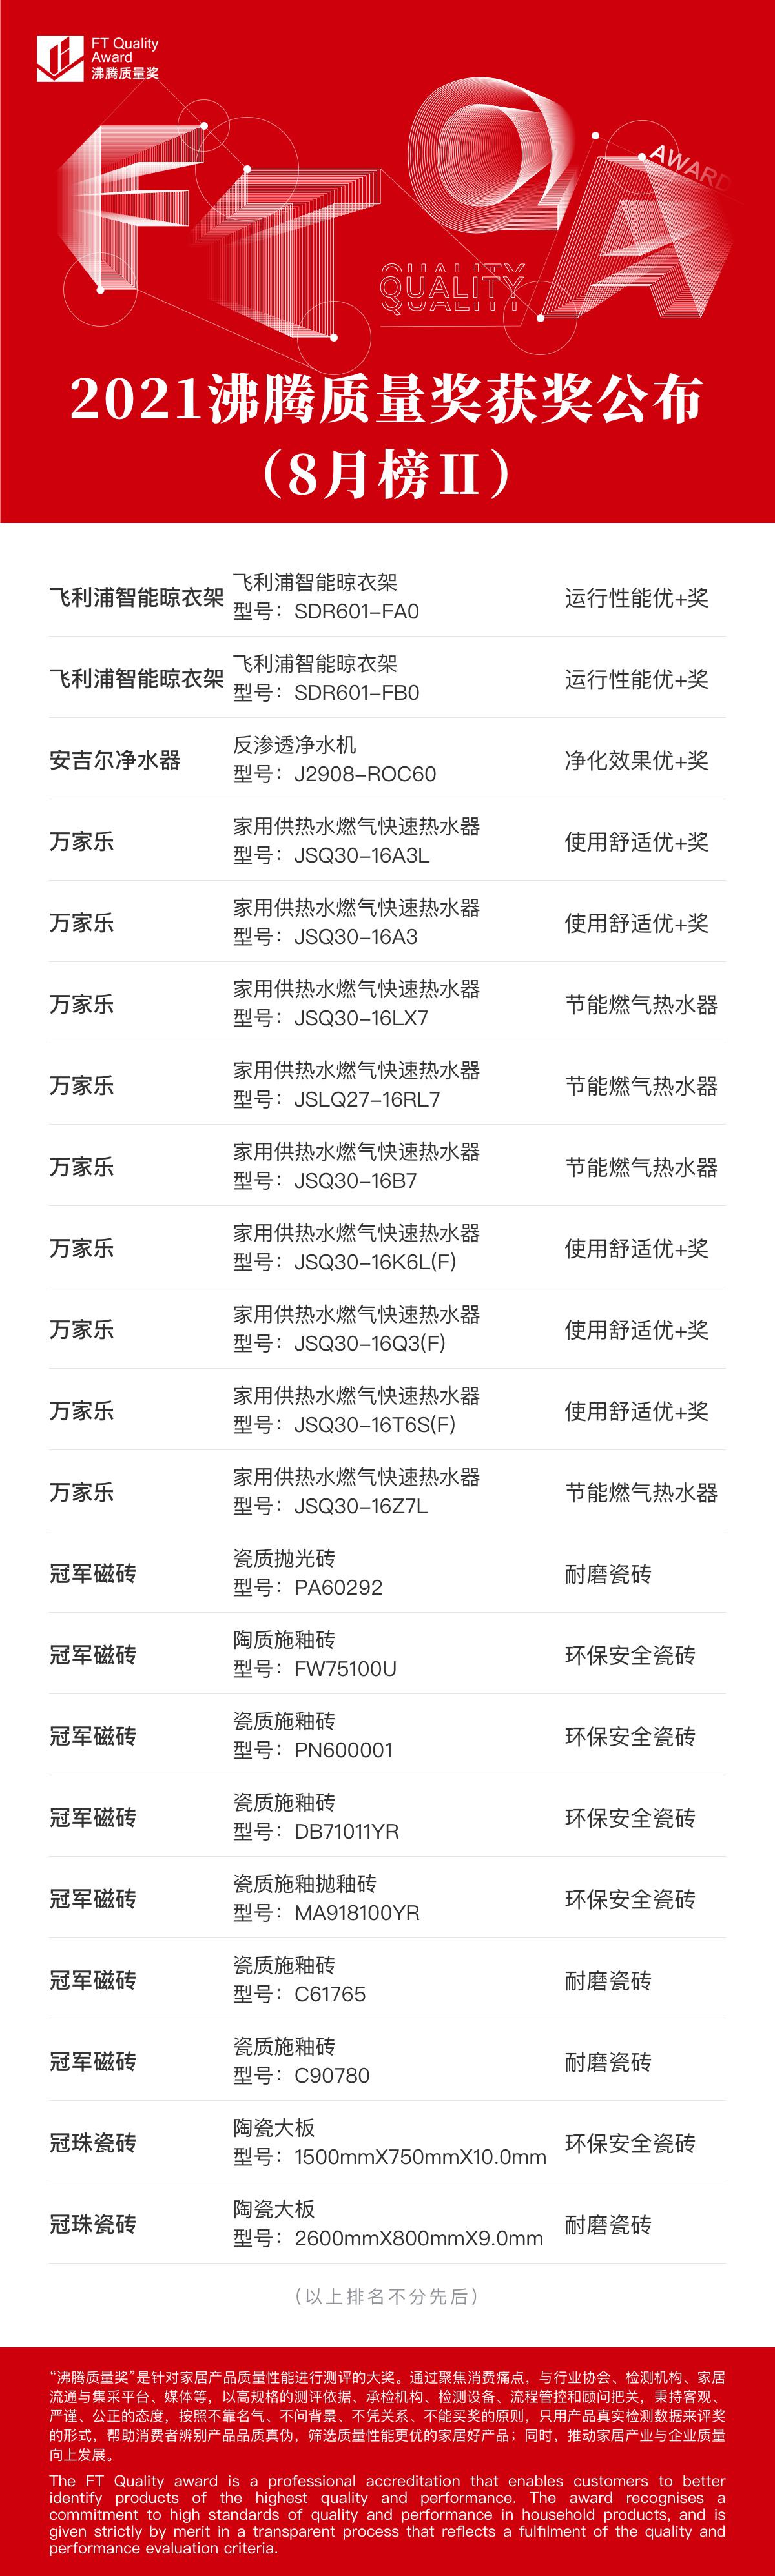 2021沸腾质量奖获奖公布(8月榜)2.png